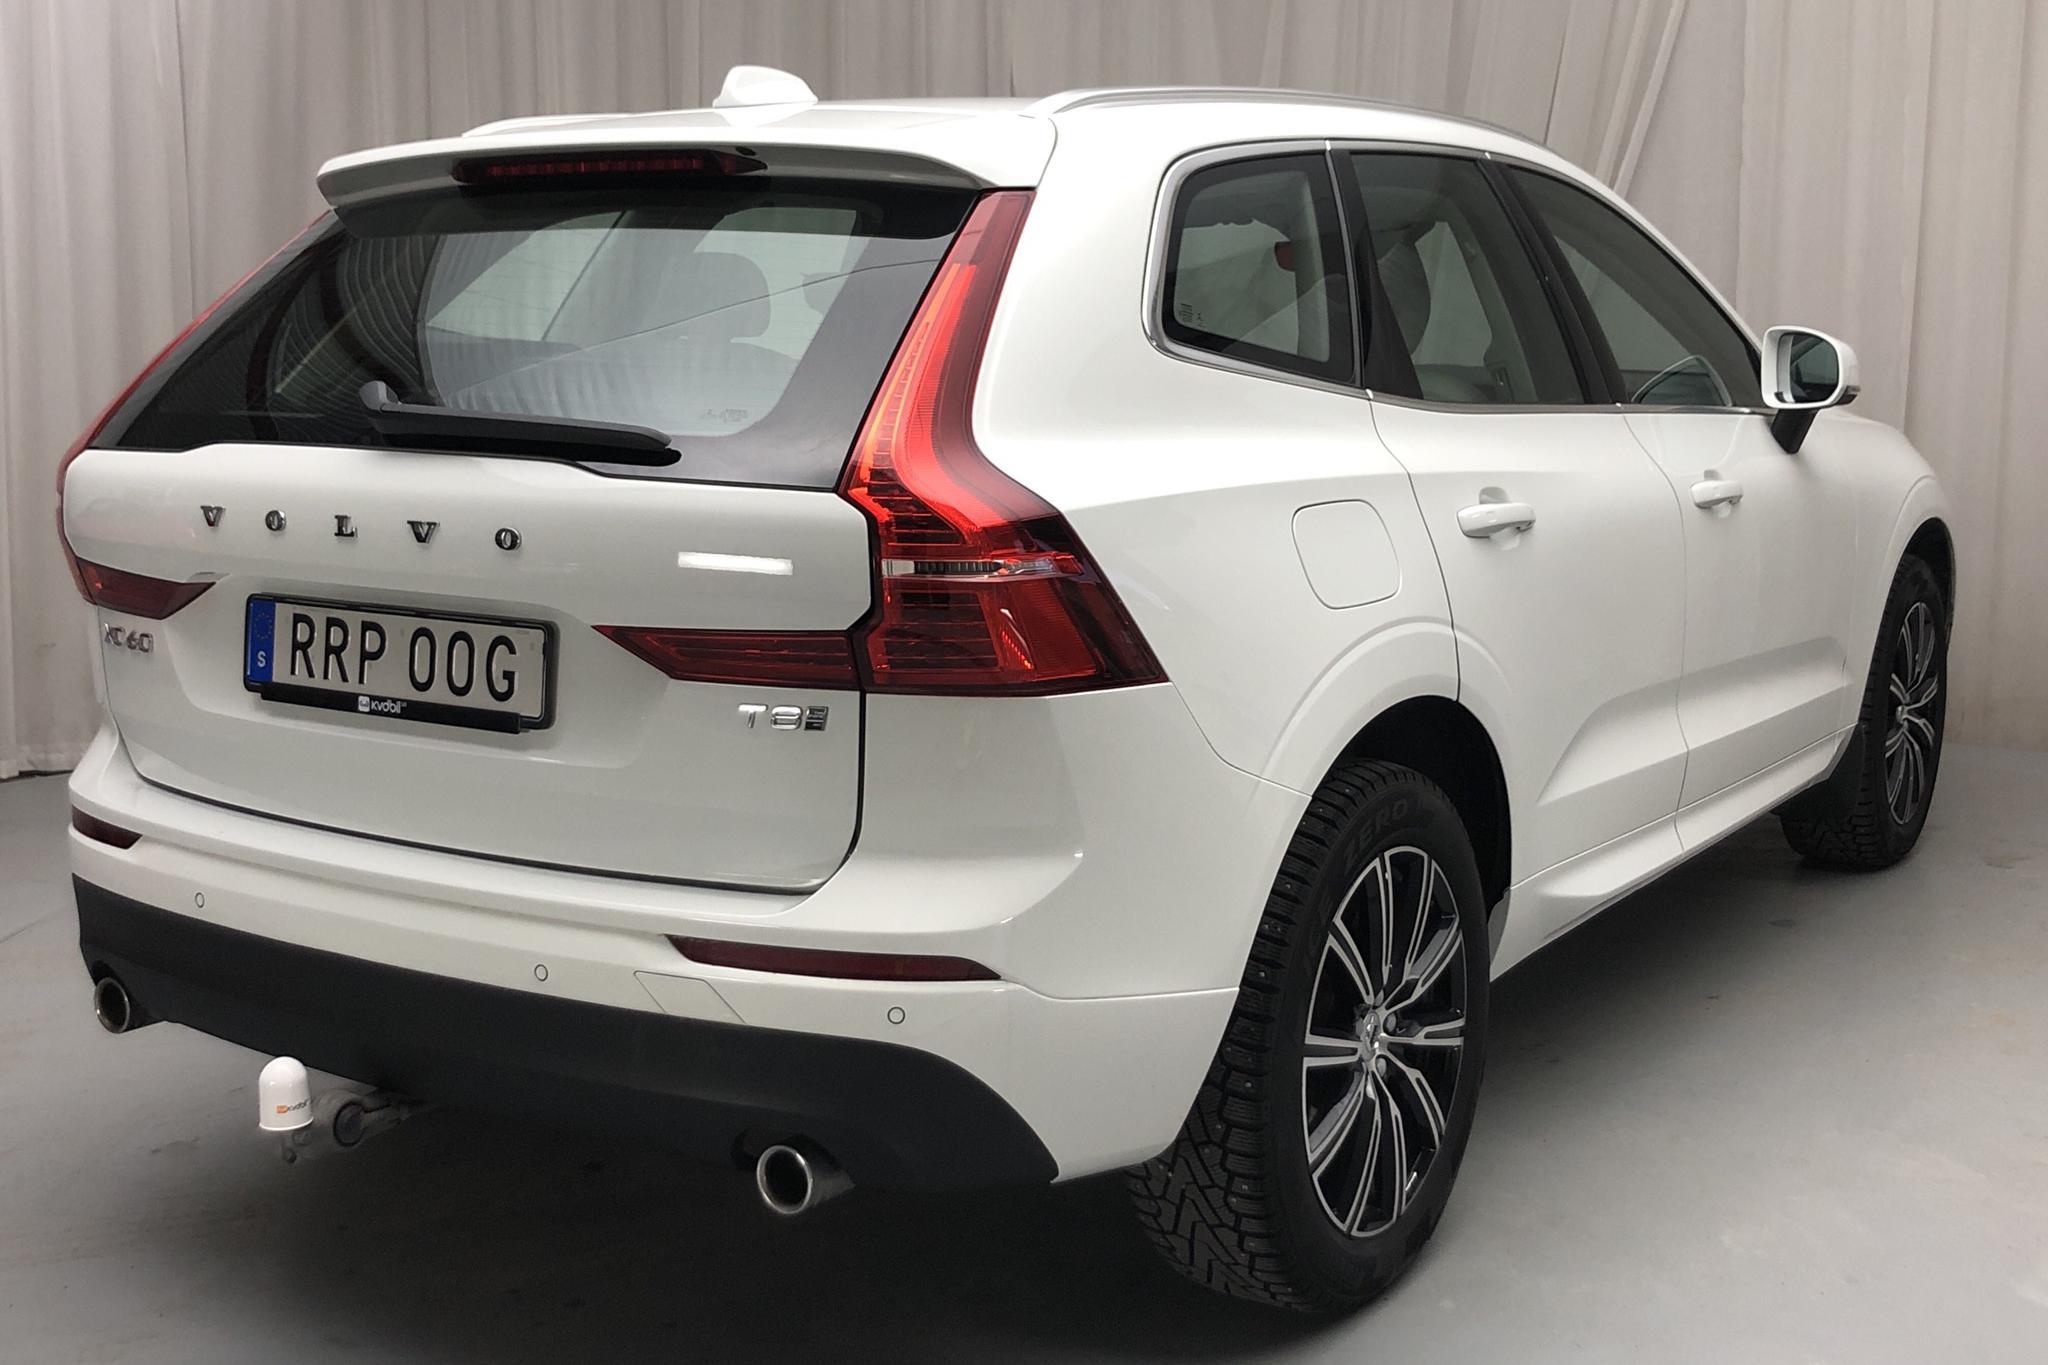 Volvo XC60 T8 AWD Twin Engine (390hk) - 5 943 mil - Automat - vit - 2019